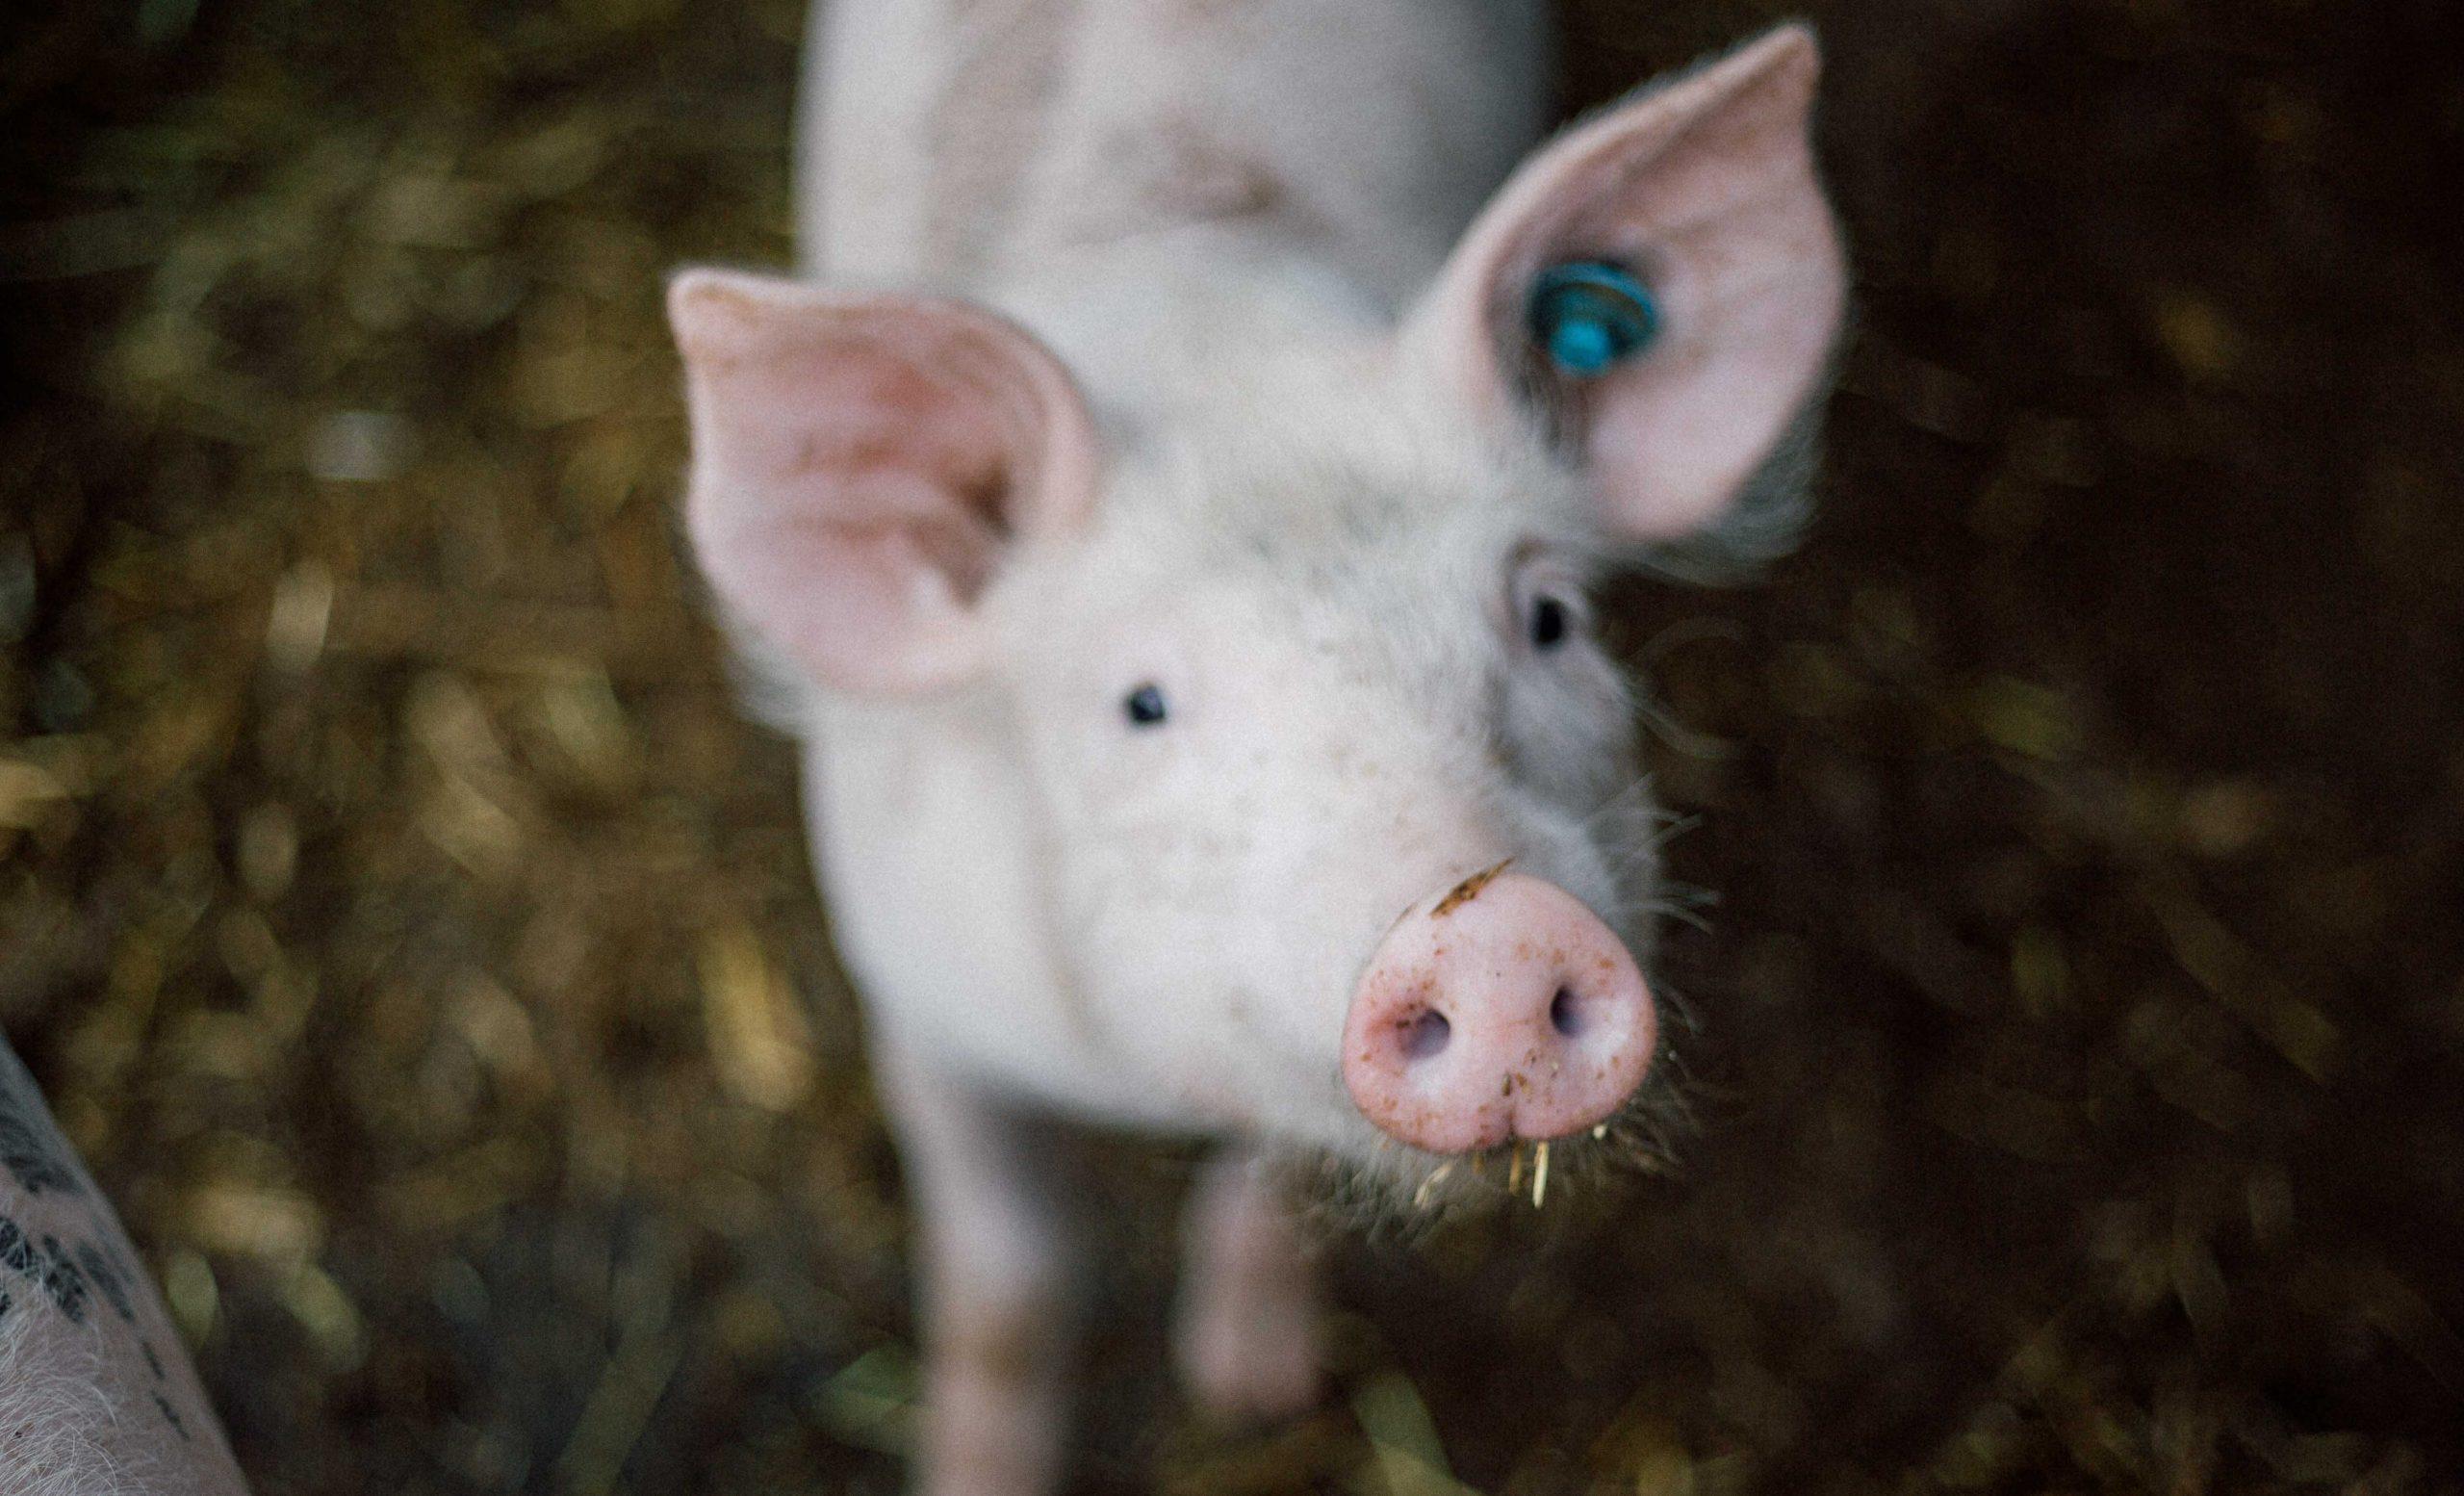 Chinesischer Freizeitpark lässt Schwein vom Bungee-Turm fallen